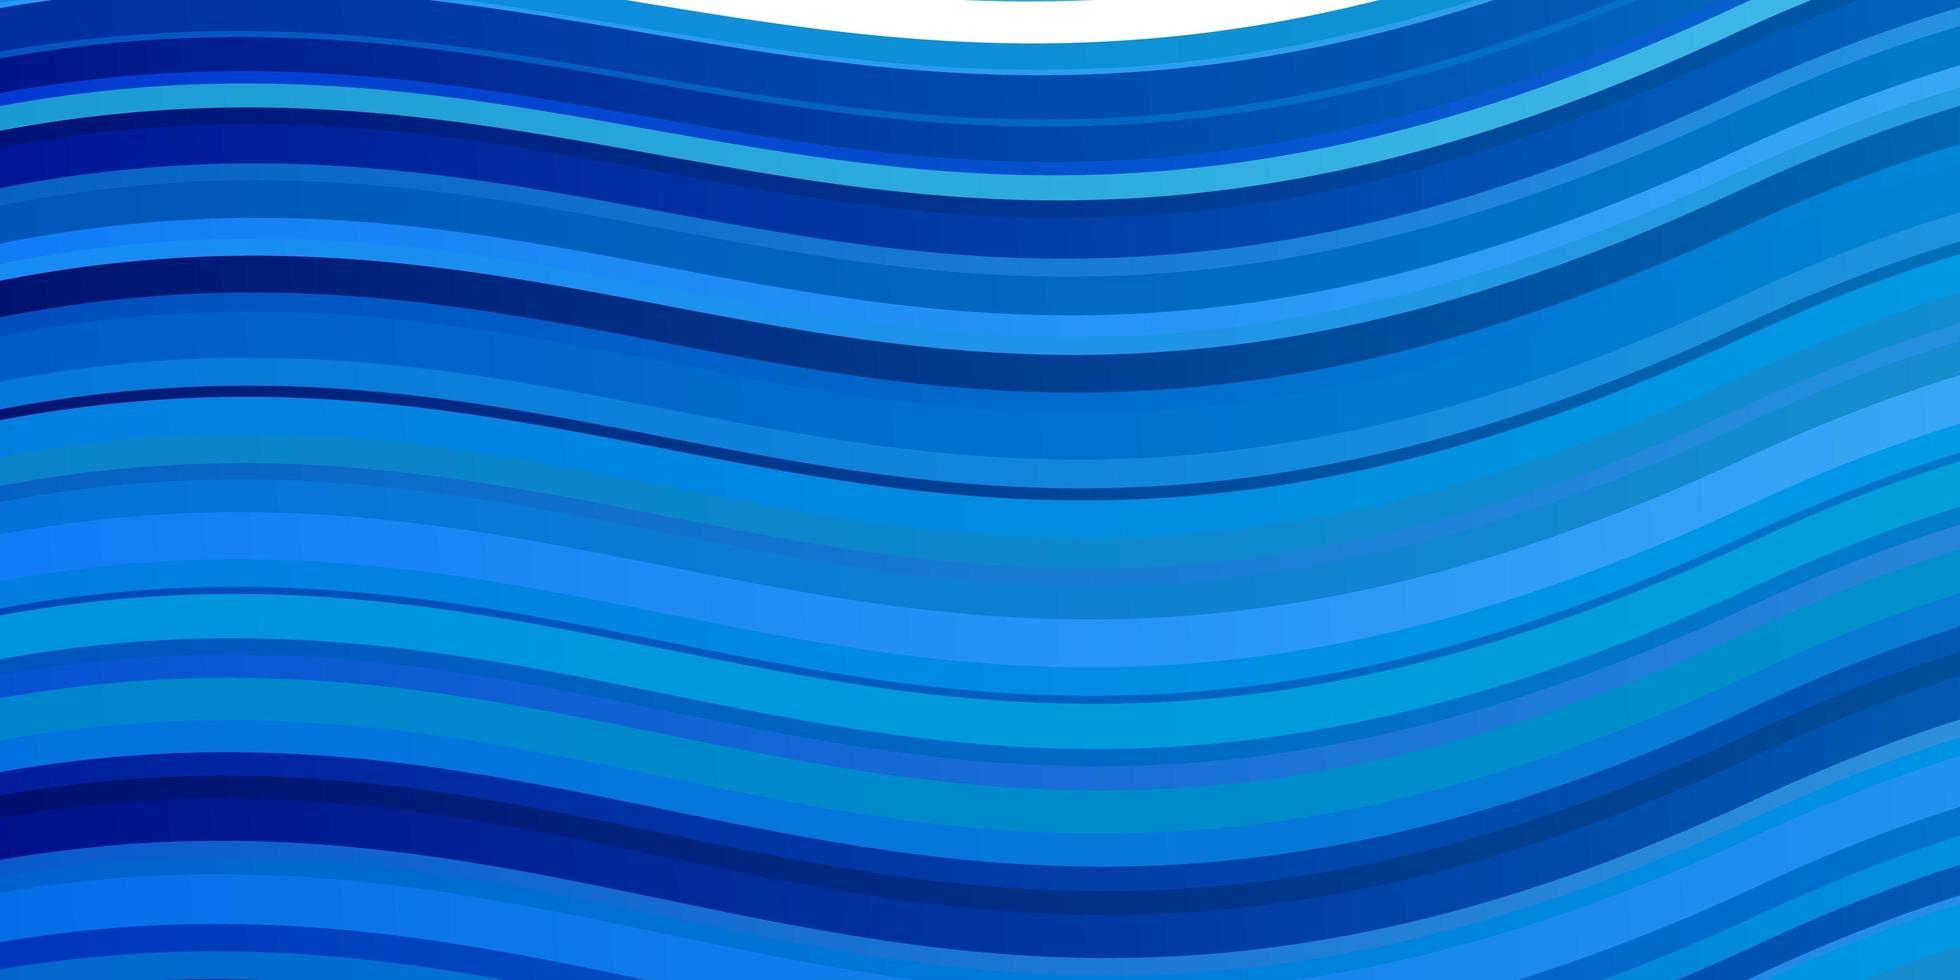 sfondo vettoriale azzurro con linee piegate.